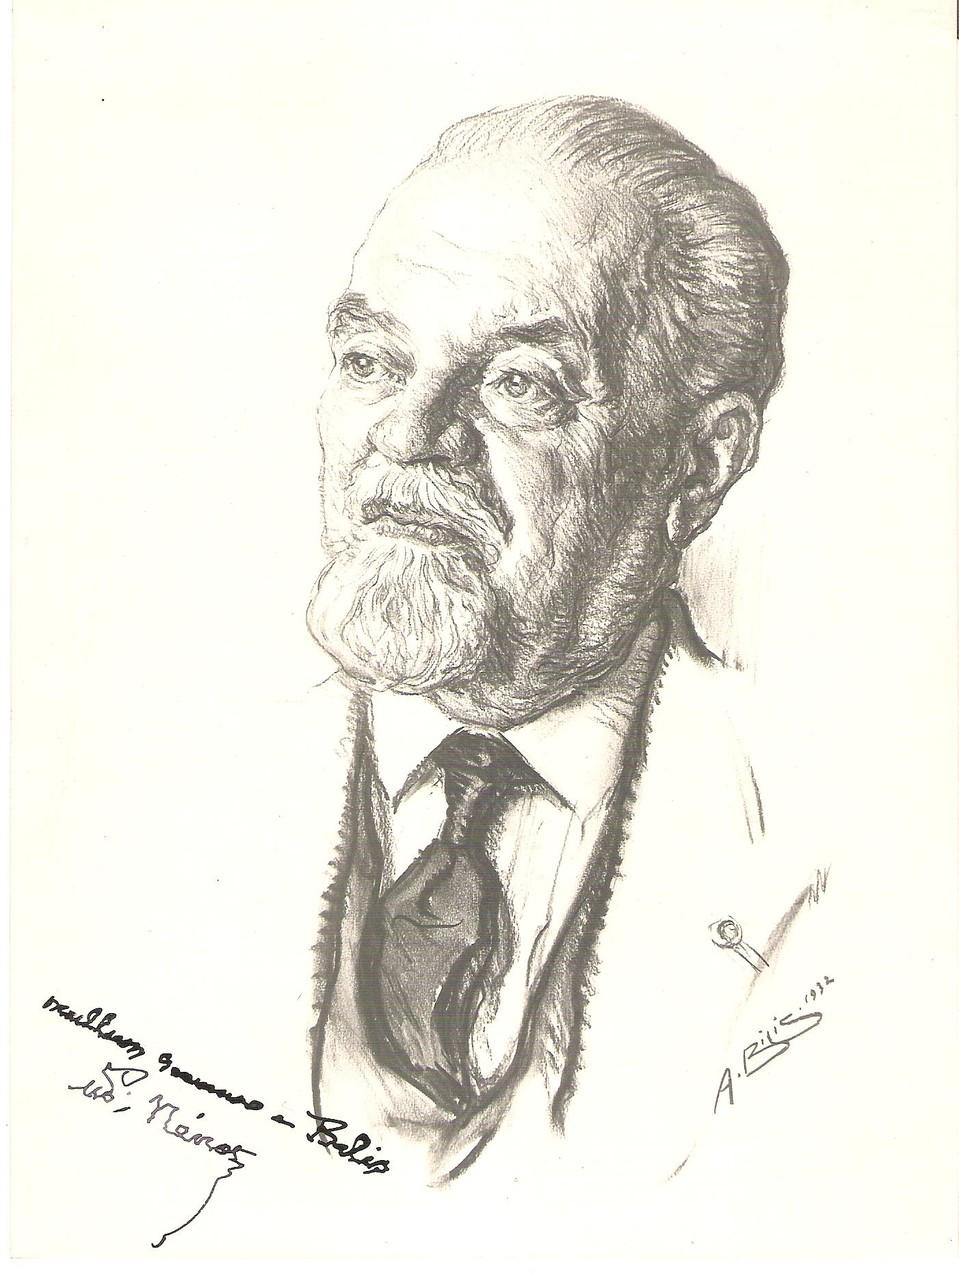 Nenot architecte 1932 fusain André Aaron BILIS